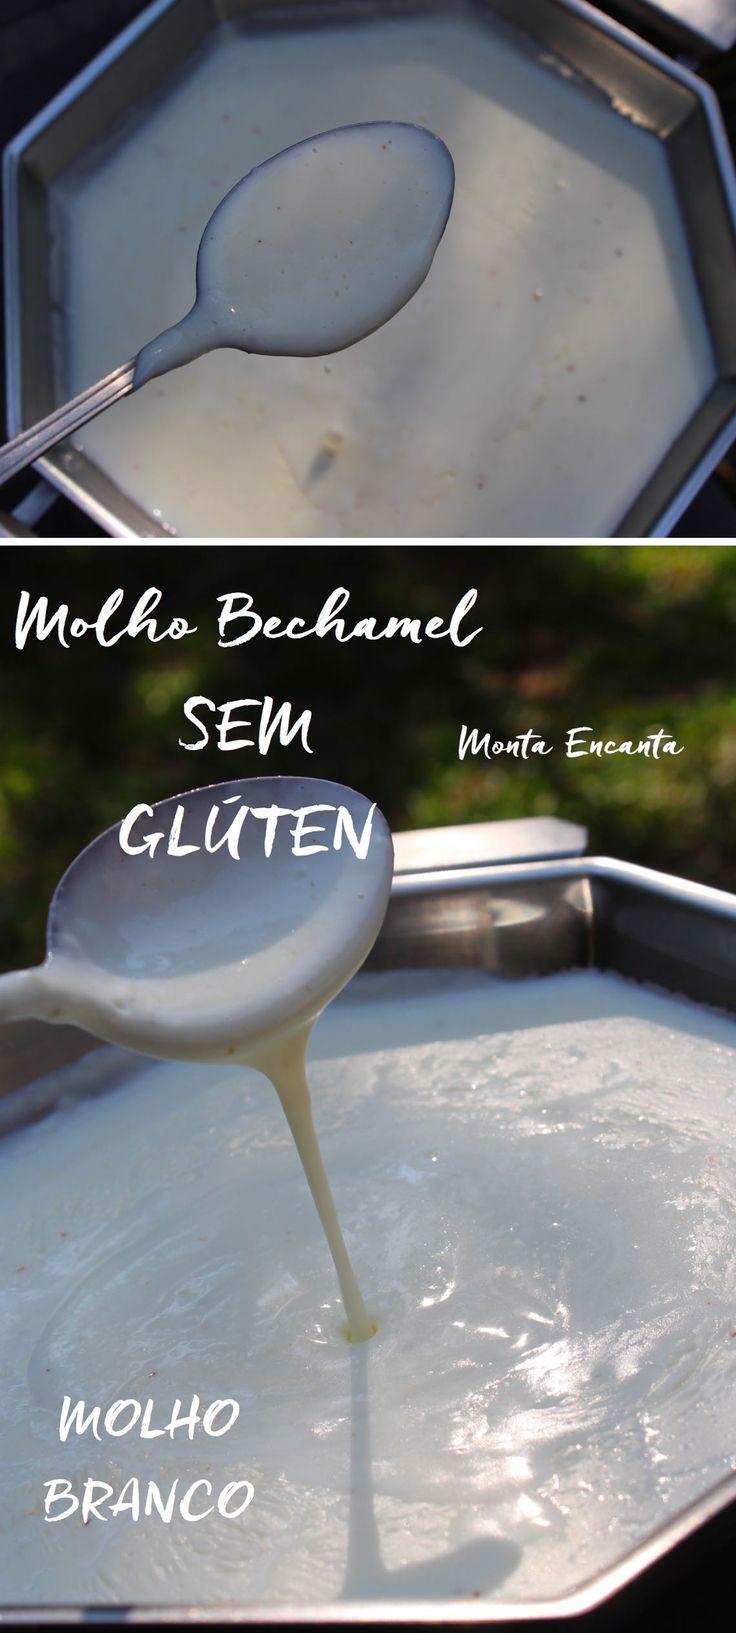 Molho Bechamel sem glúten, mais leve, mais delicado e incrivelmente delicioso. O amido de milho substitui a farinha de trigo no preparo.